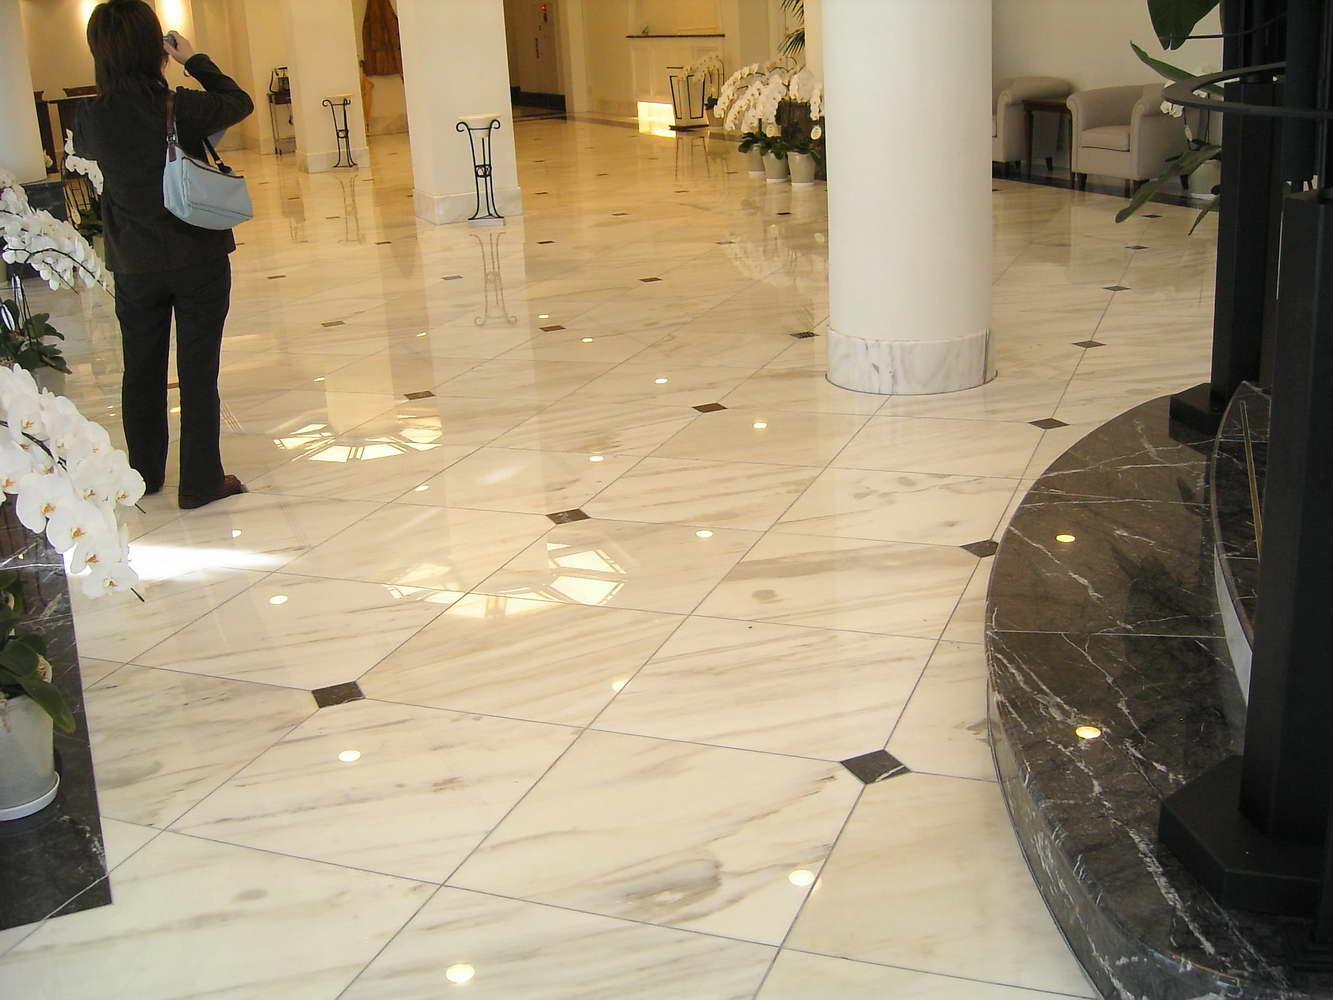 Hotel Caldia Realizzazione Pavimenti, Rivestimento pareti e Scale ...